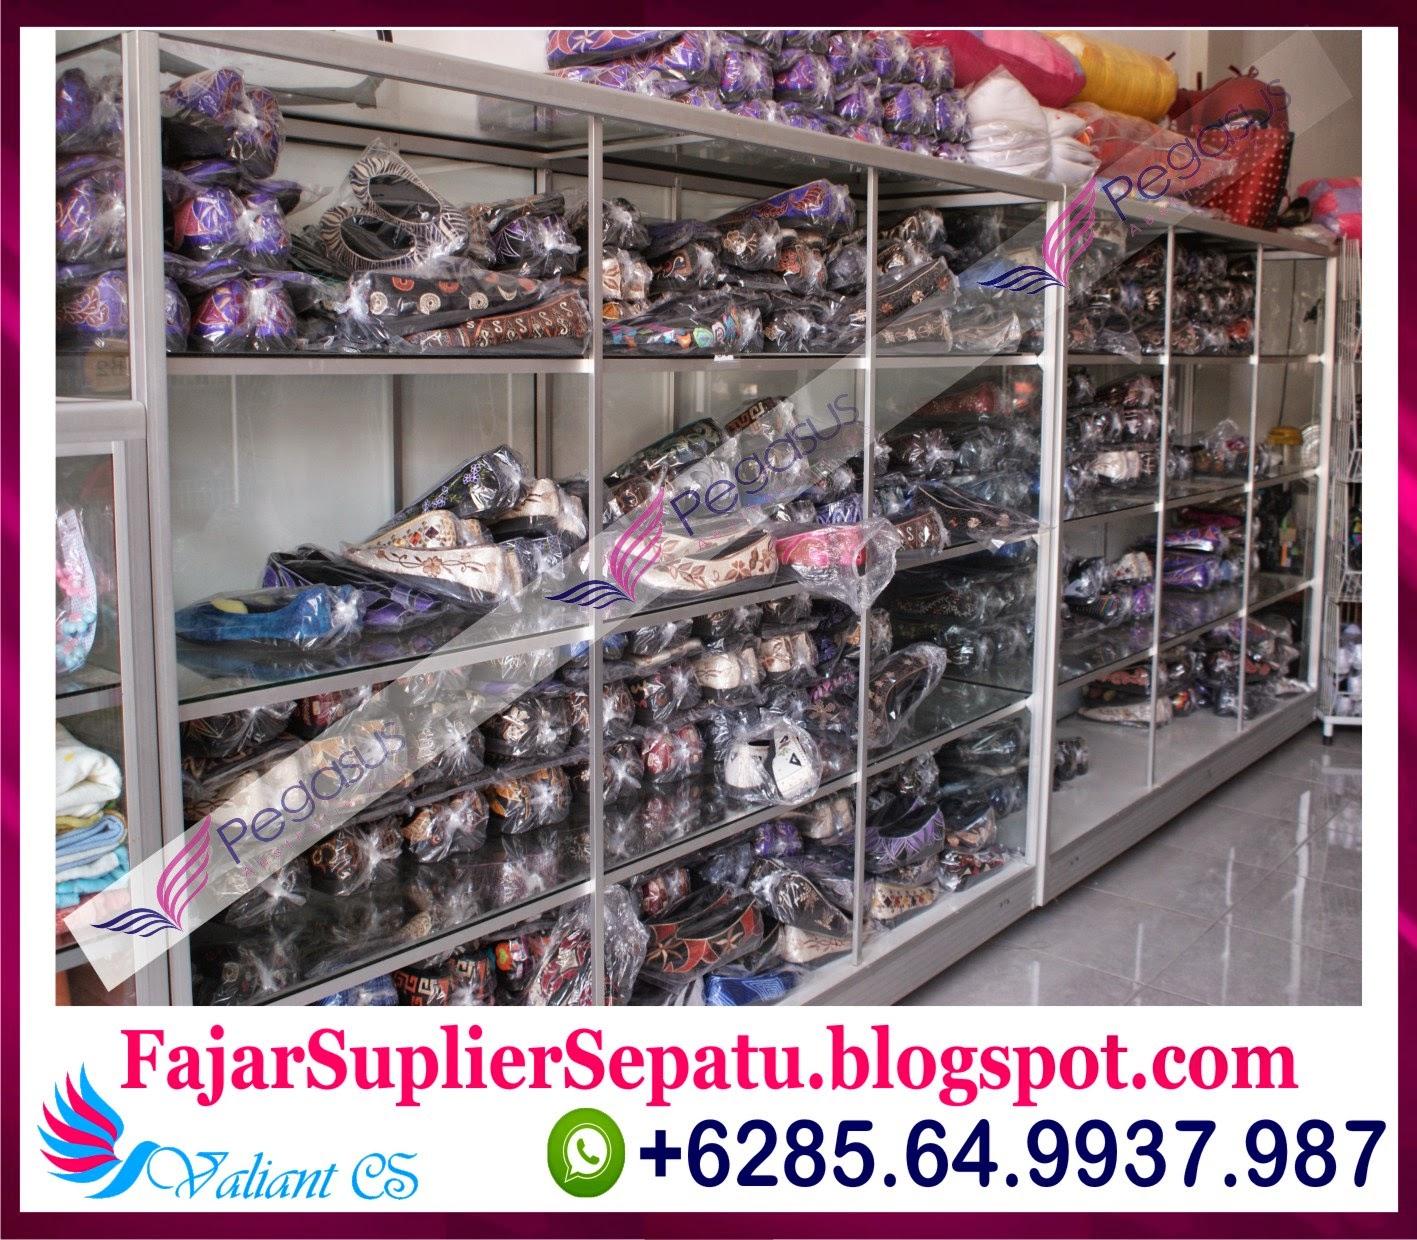 Sepatu Bordir Murah, Produsen Sepatu Bordir Murah, Grosir Sepatu Bordir Jogja, +62.8564.993.7987